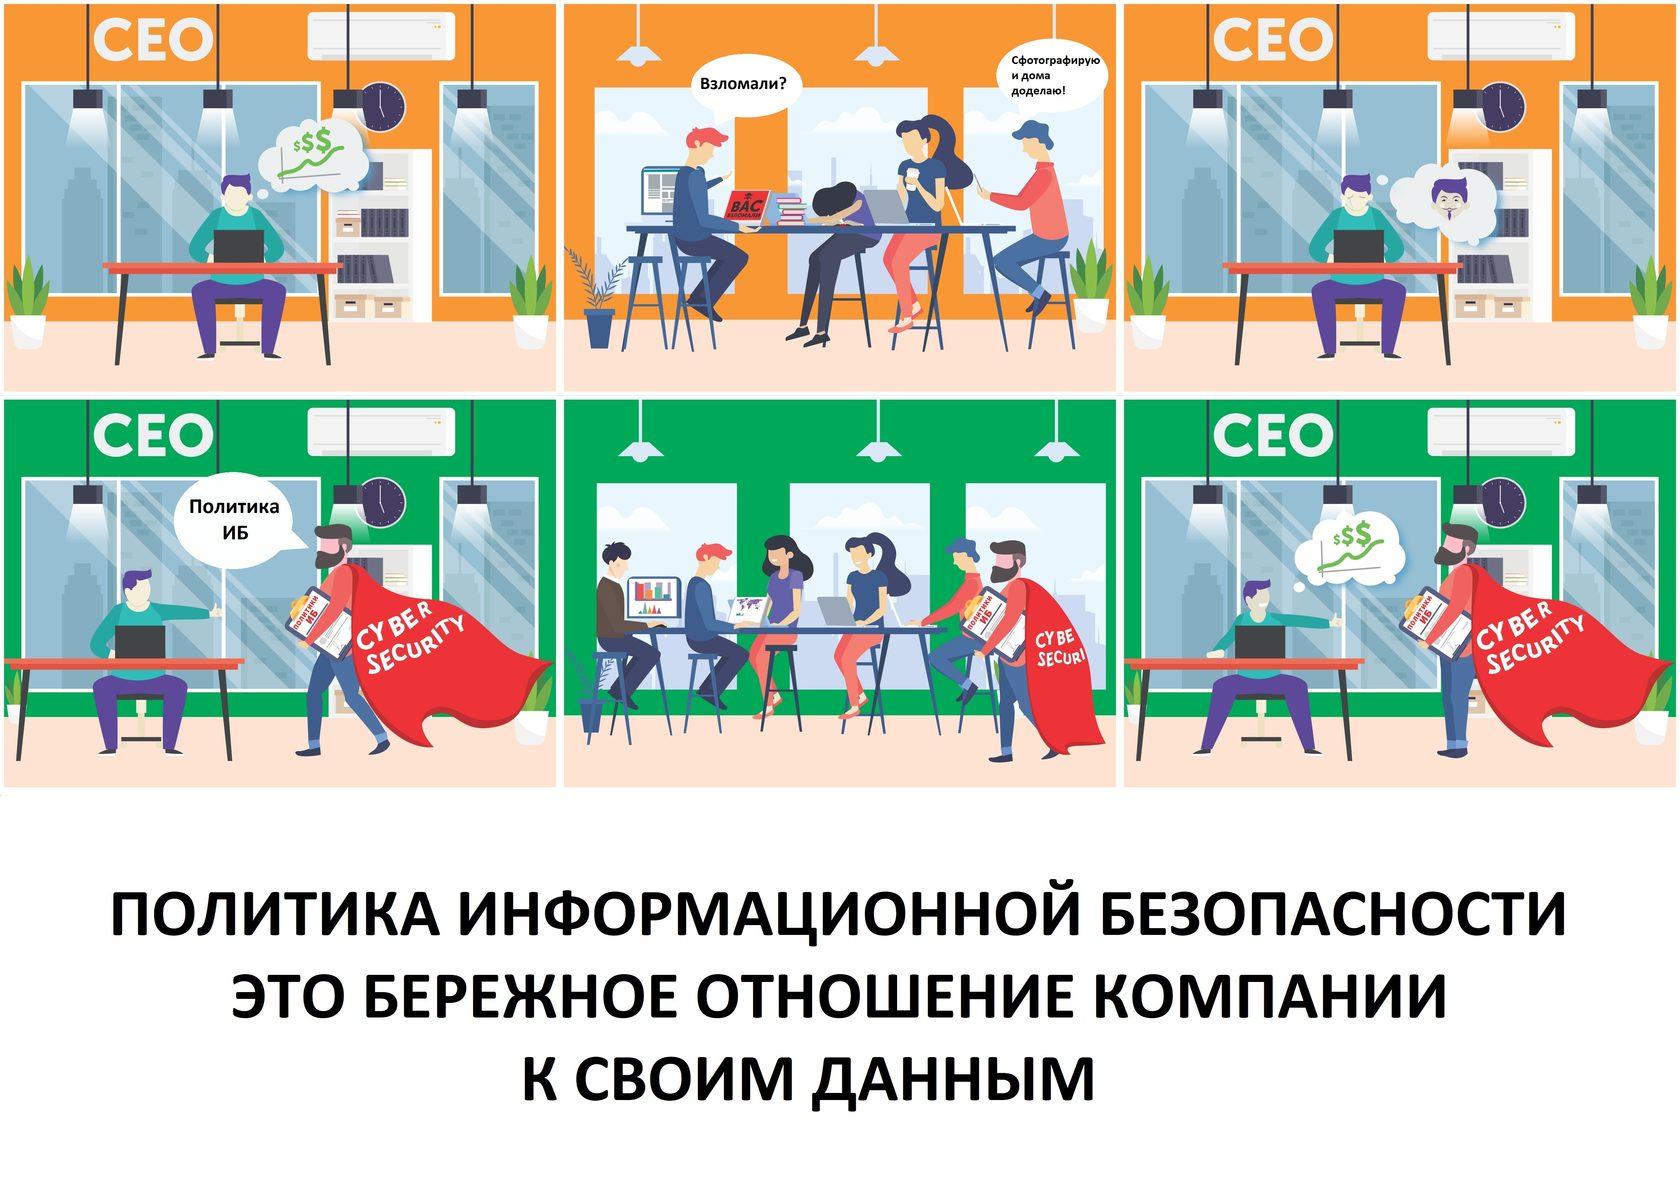 Иллюстрации по информационной безопасности. Политика информационной безопасности